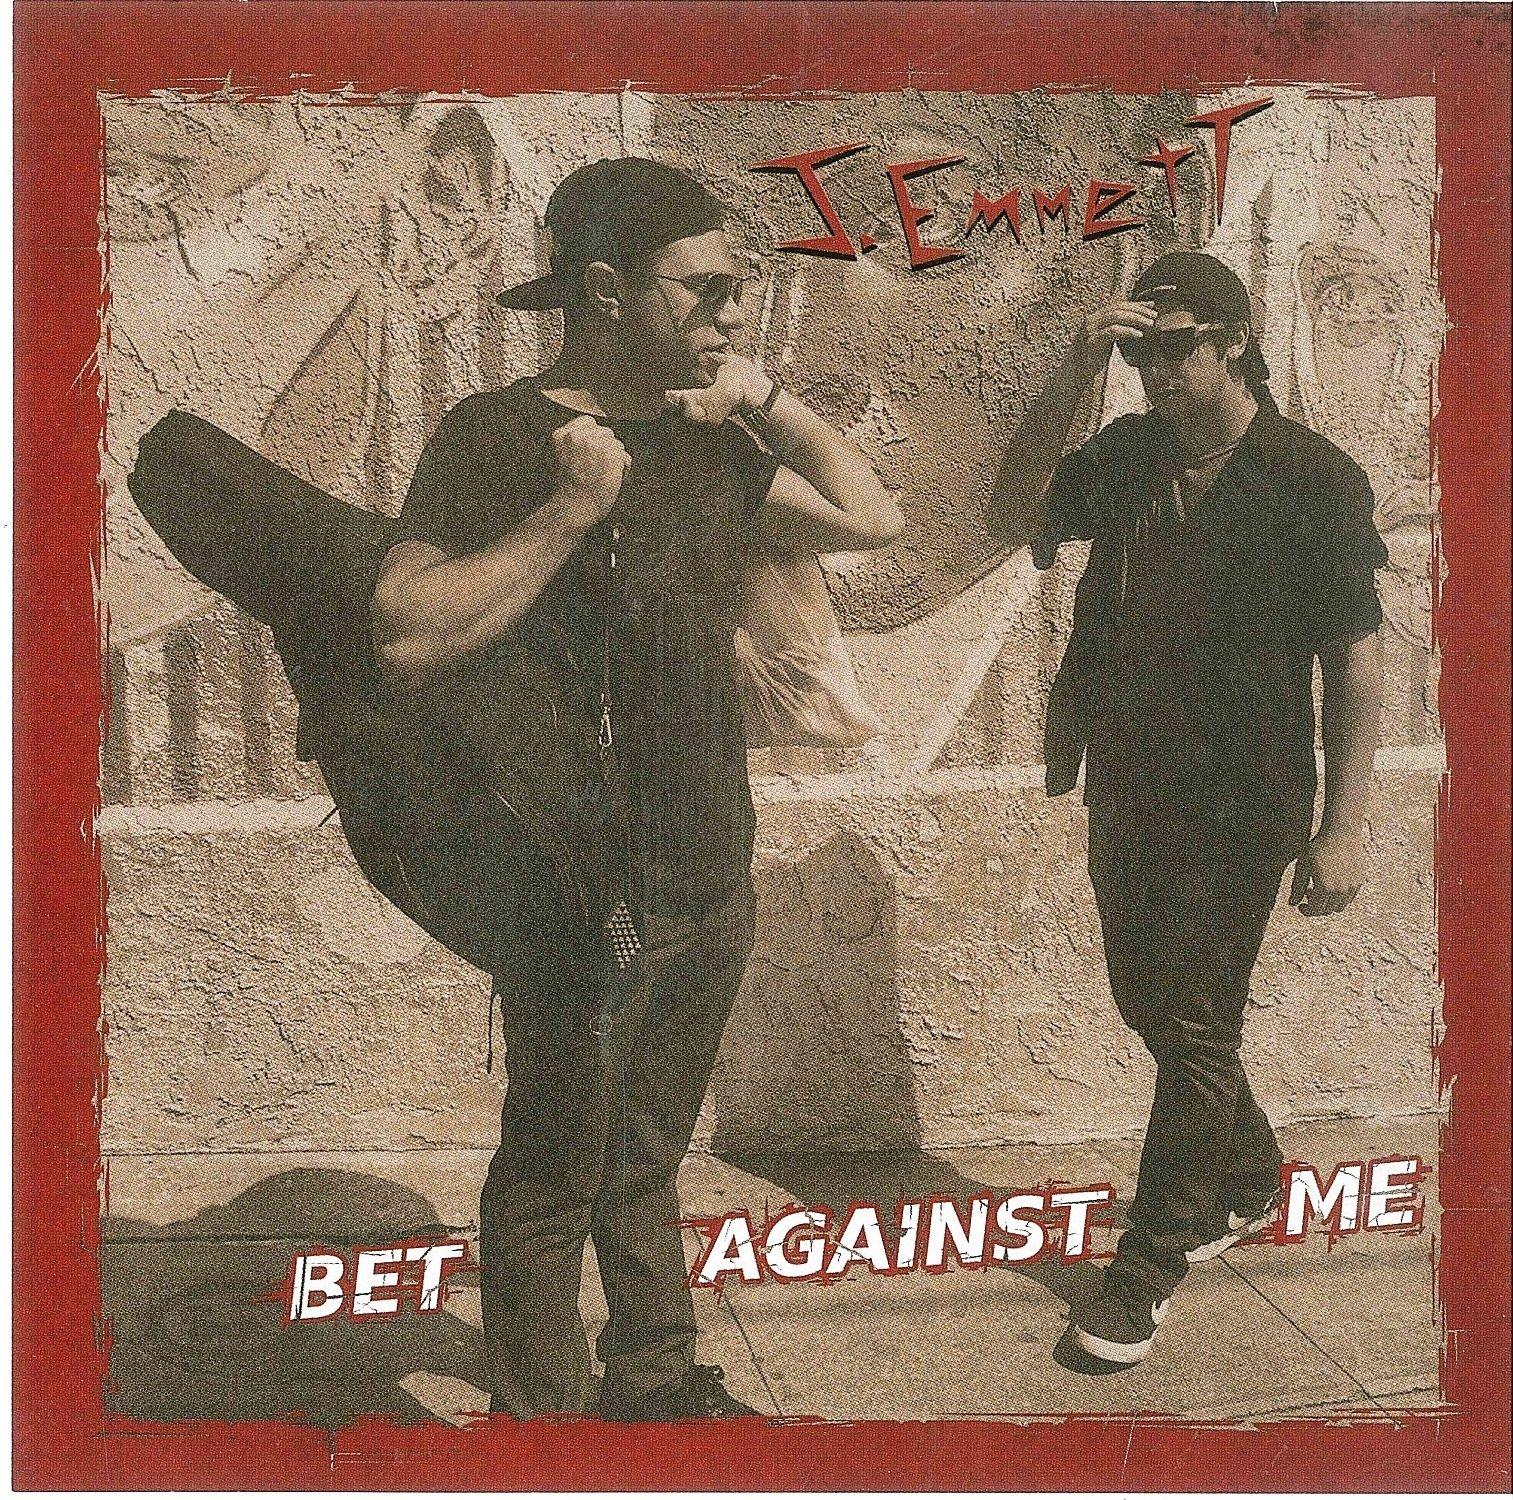 CD : J. EMMETT - Bet Against Me (CD)